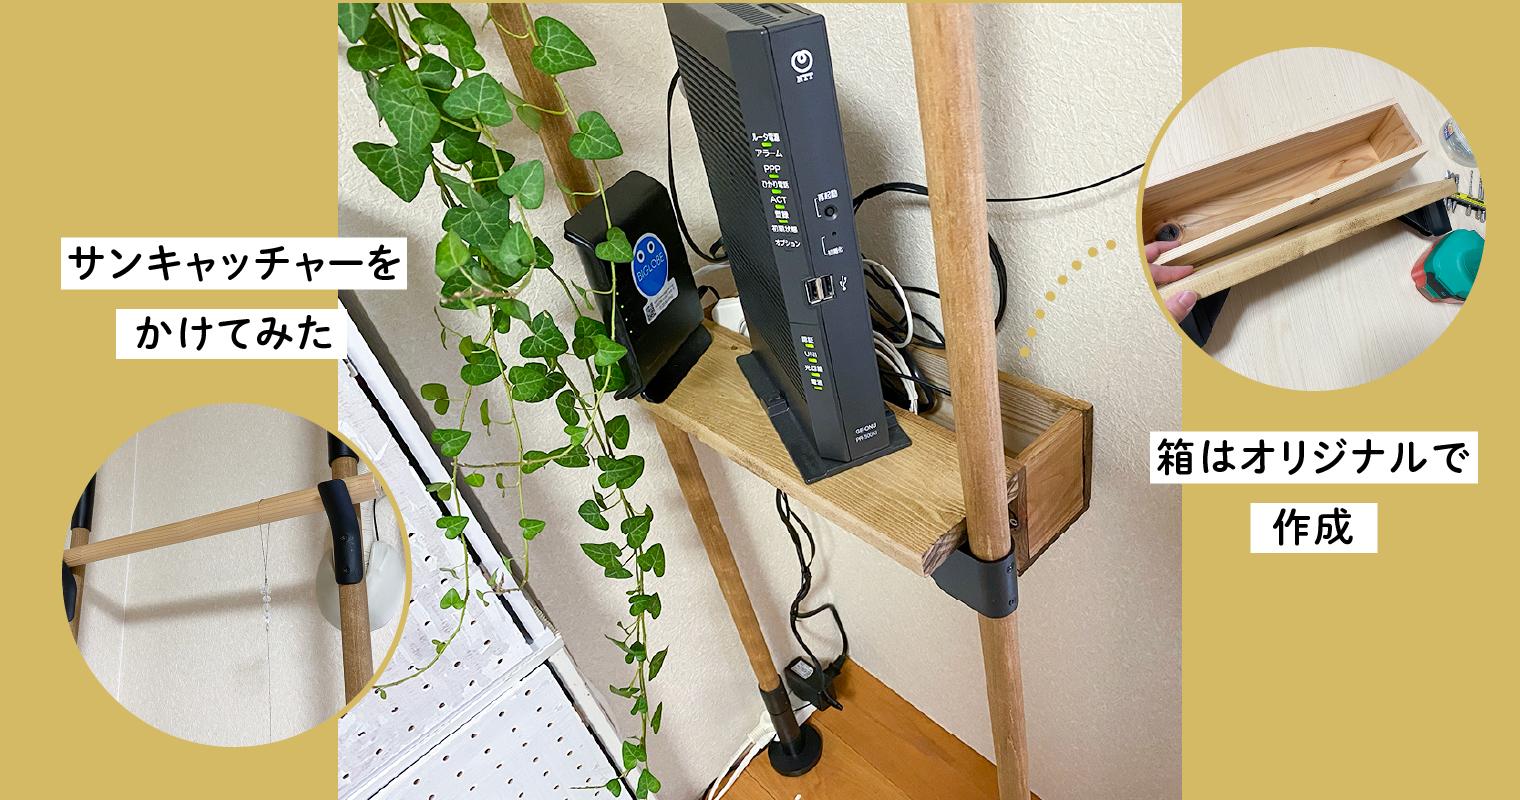 津村さん、モデム配線を隠す箱はオリジナルで作成、サンキャッチャーをかけてみた